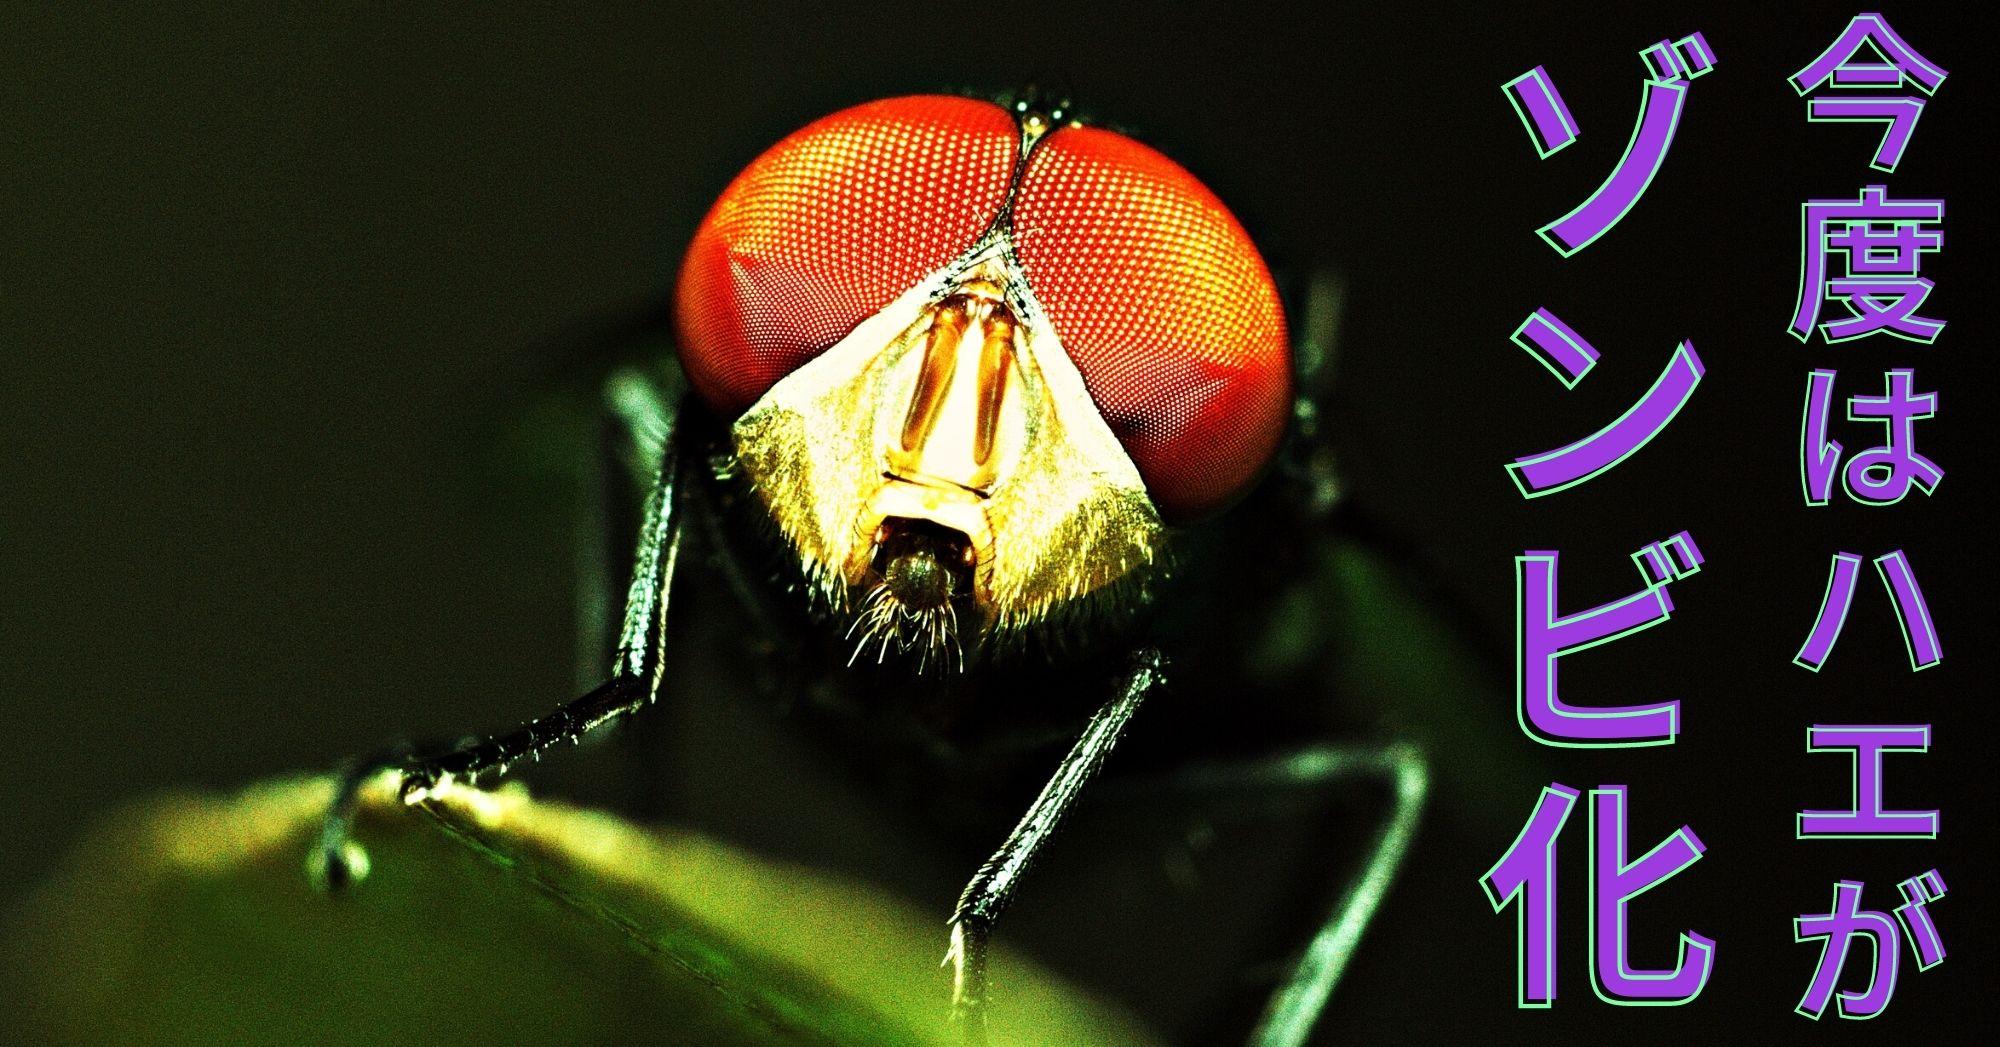 ハエゾンビを作るゾンビ化菌が立て続けに2種類も発見された